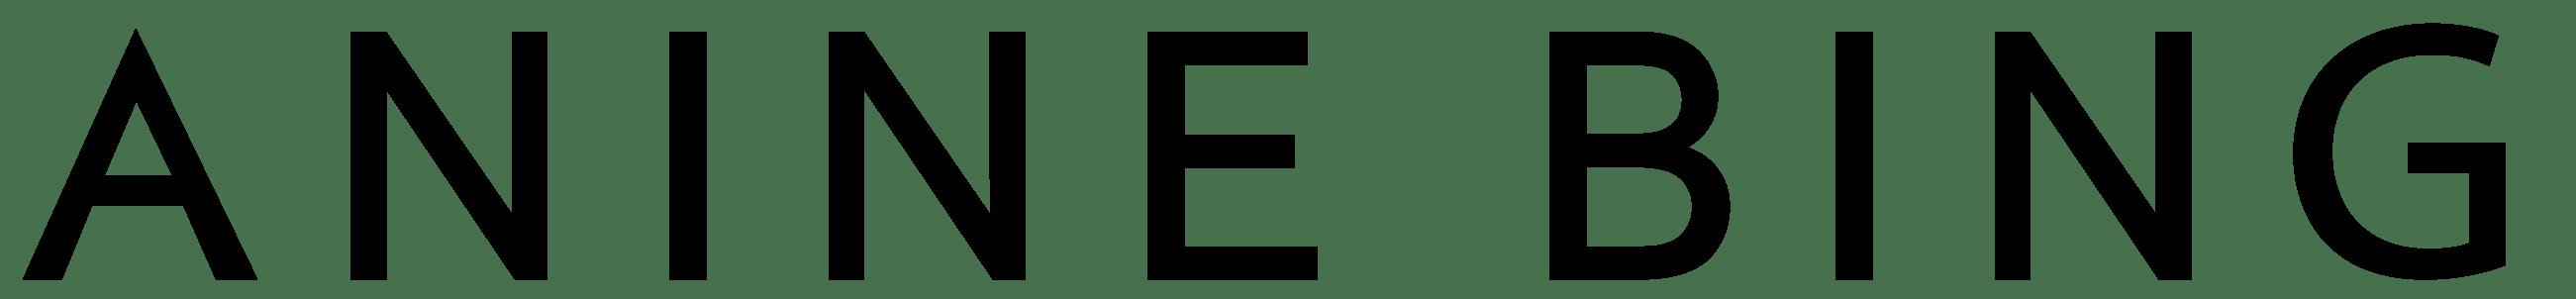 Aning Bing logo